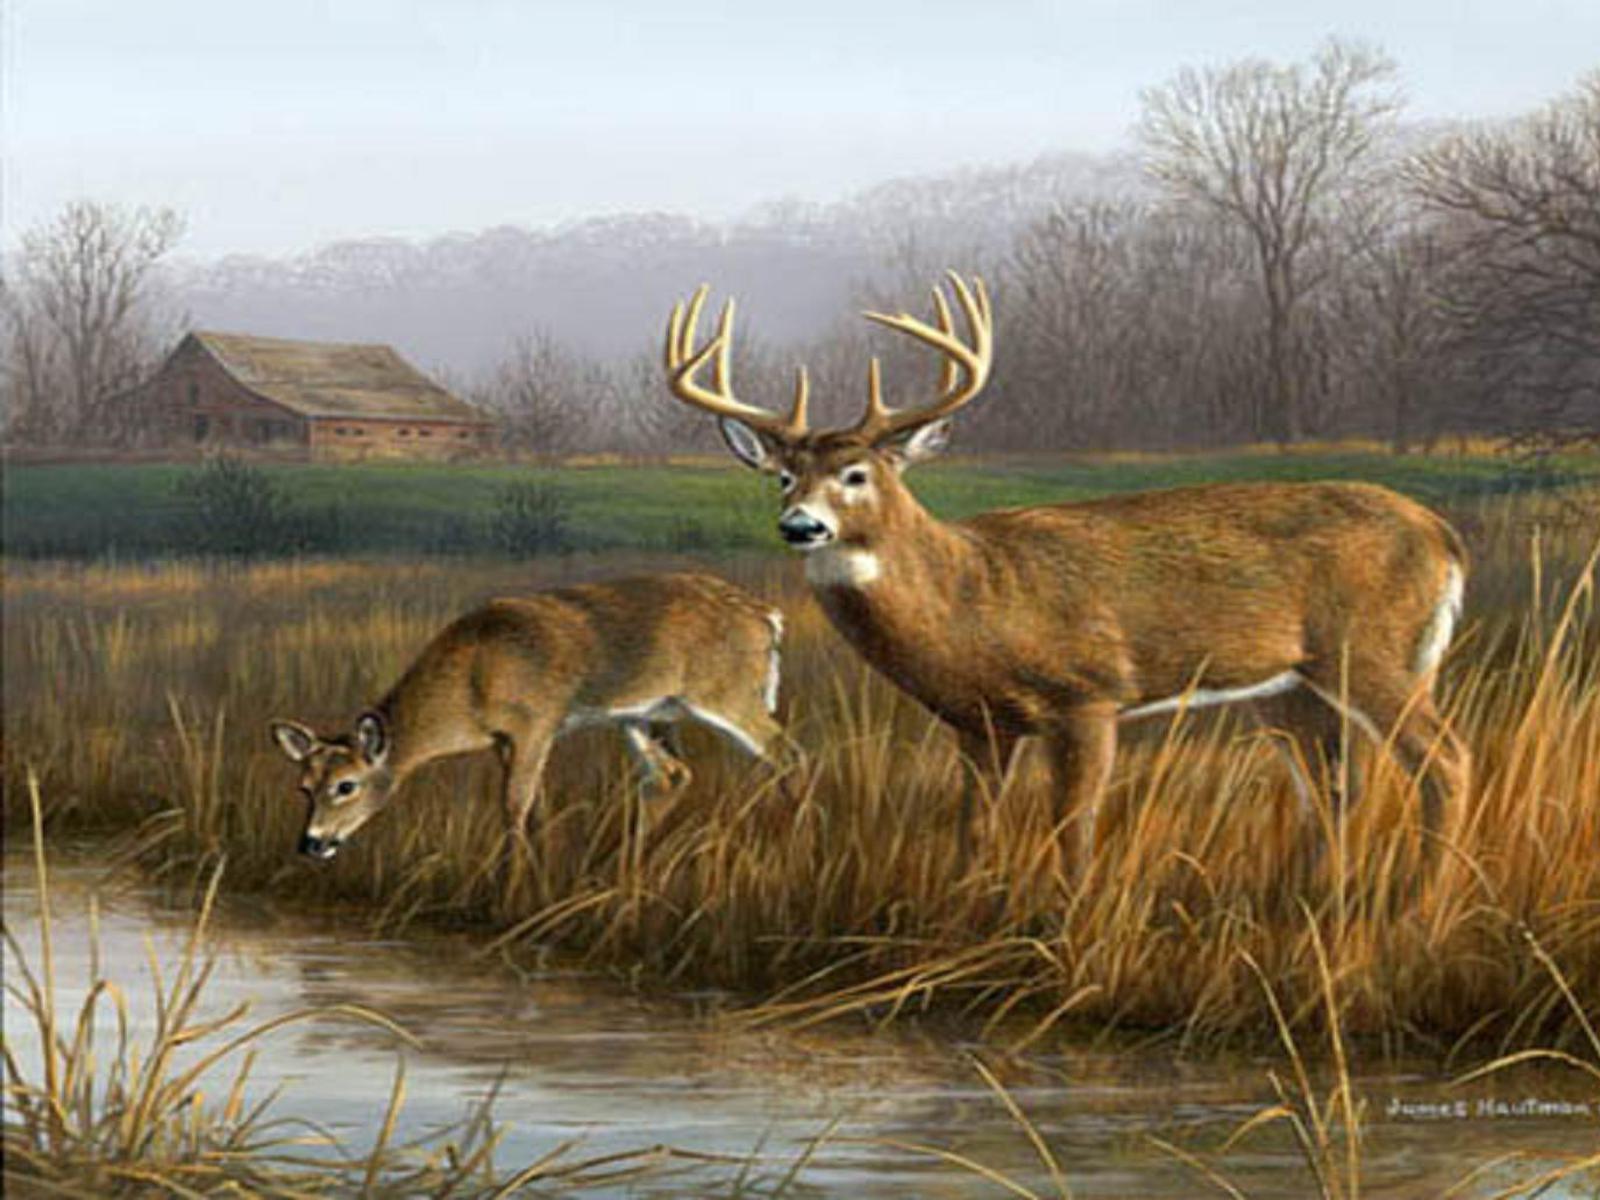 deer desktop hd wallpapers Desktop Backgrounds for HD 1600x1200